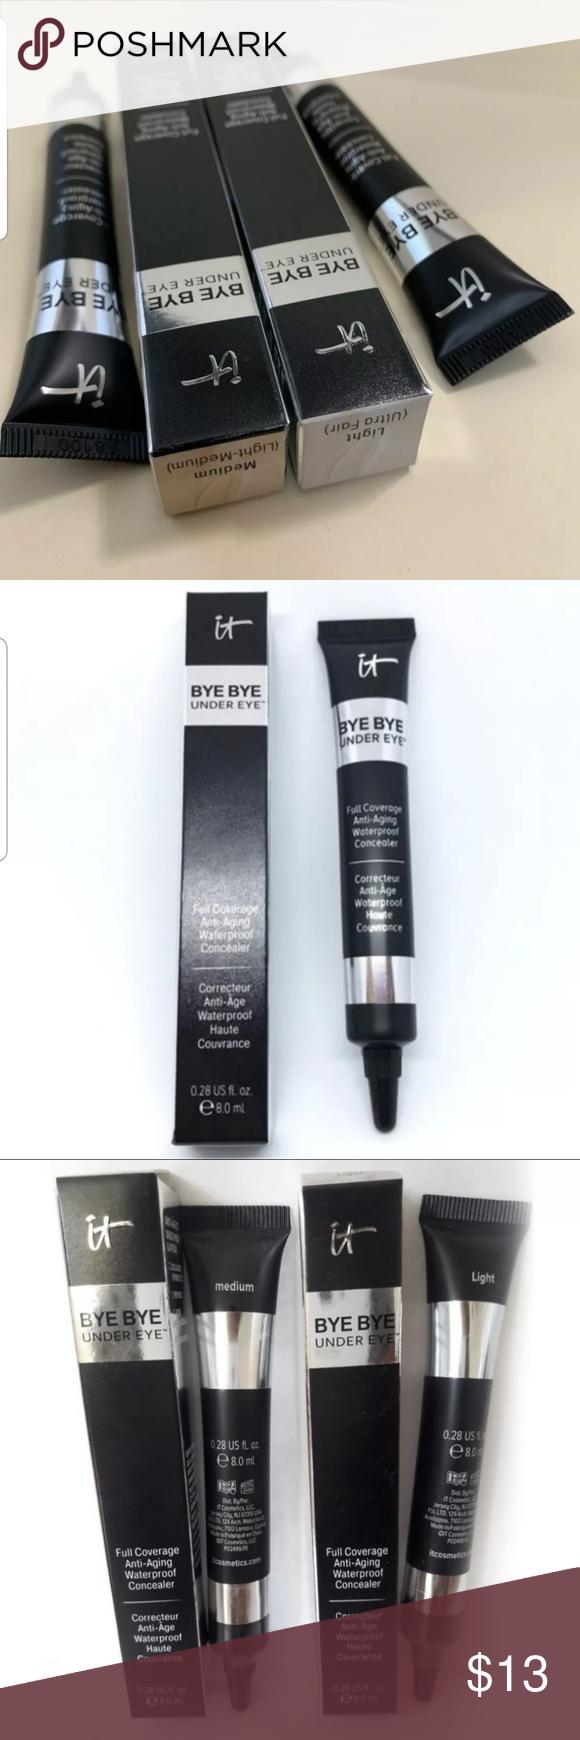 It Cosmetics Bye Bye Under Eye Undereye, Coverage